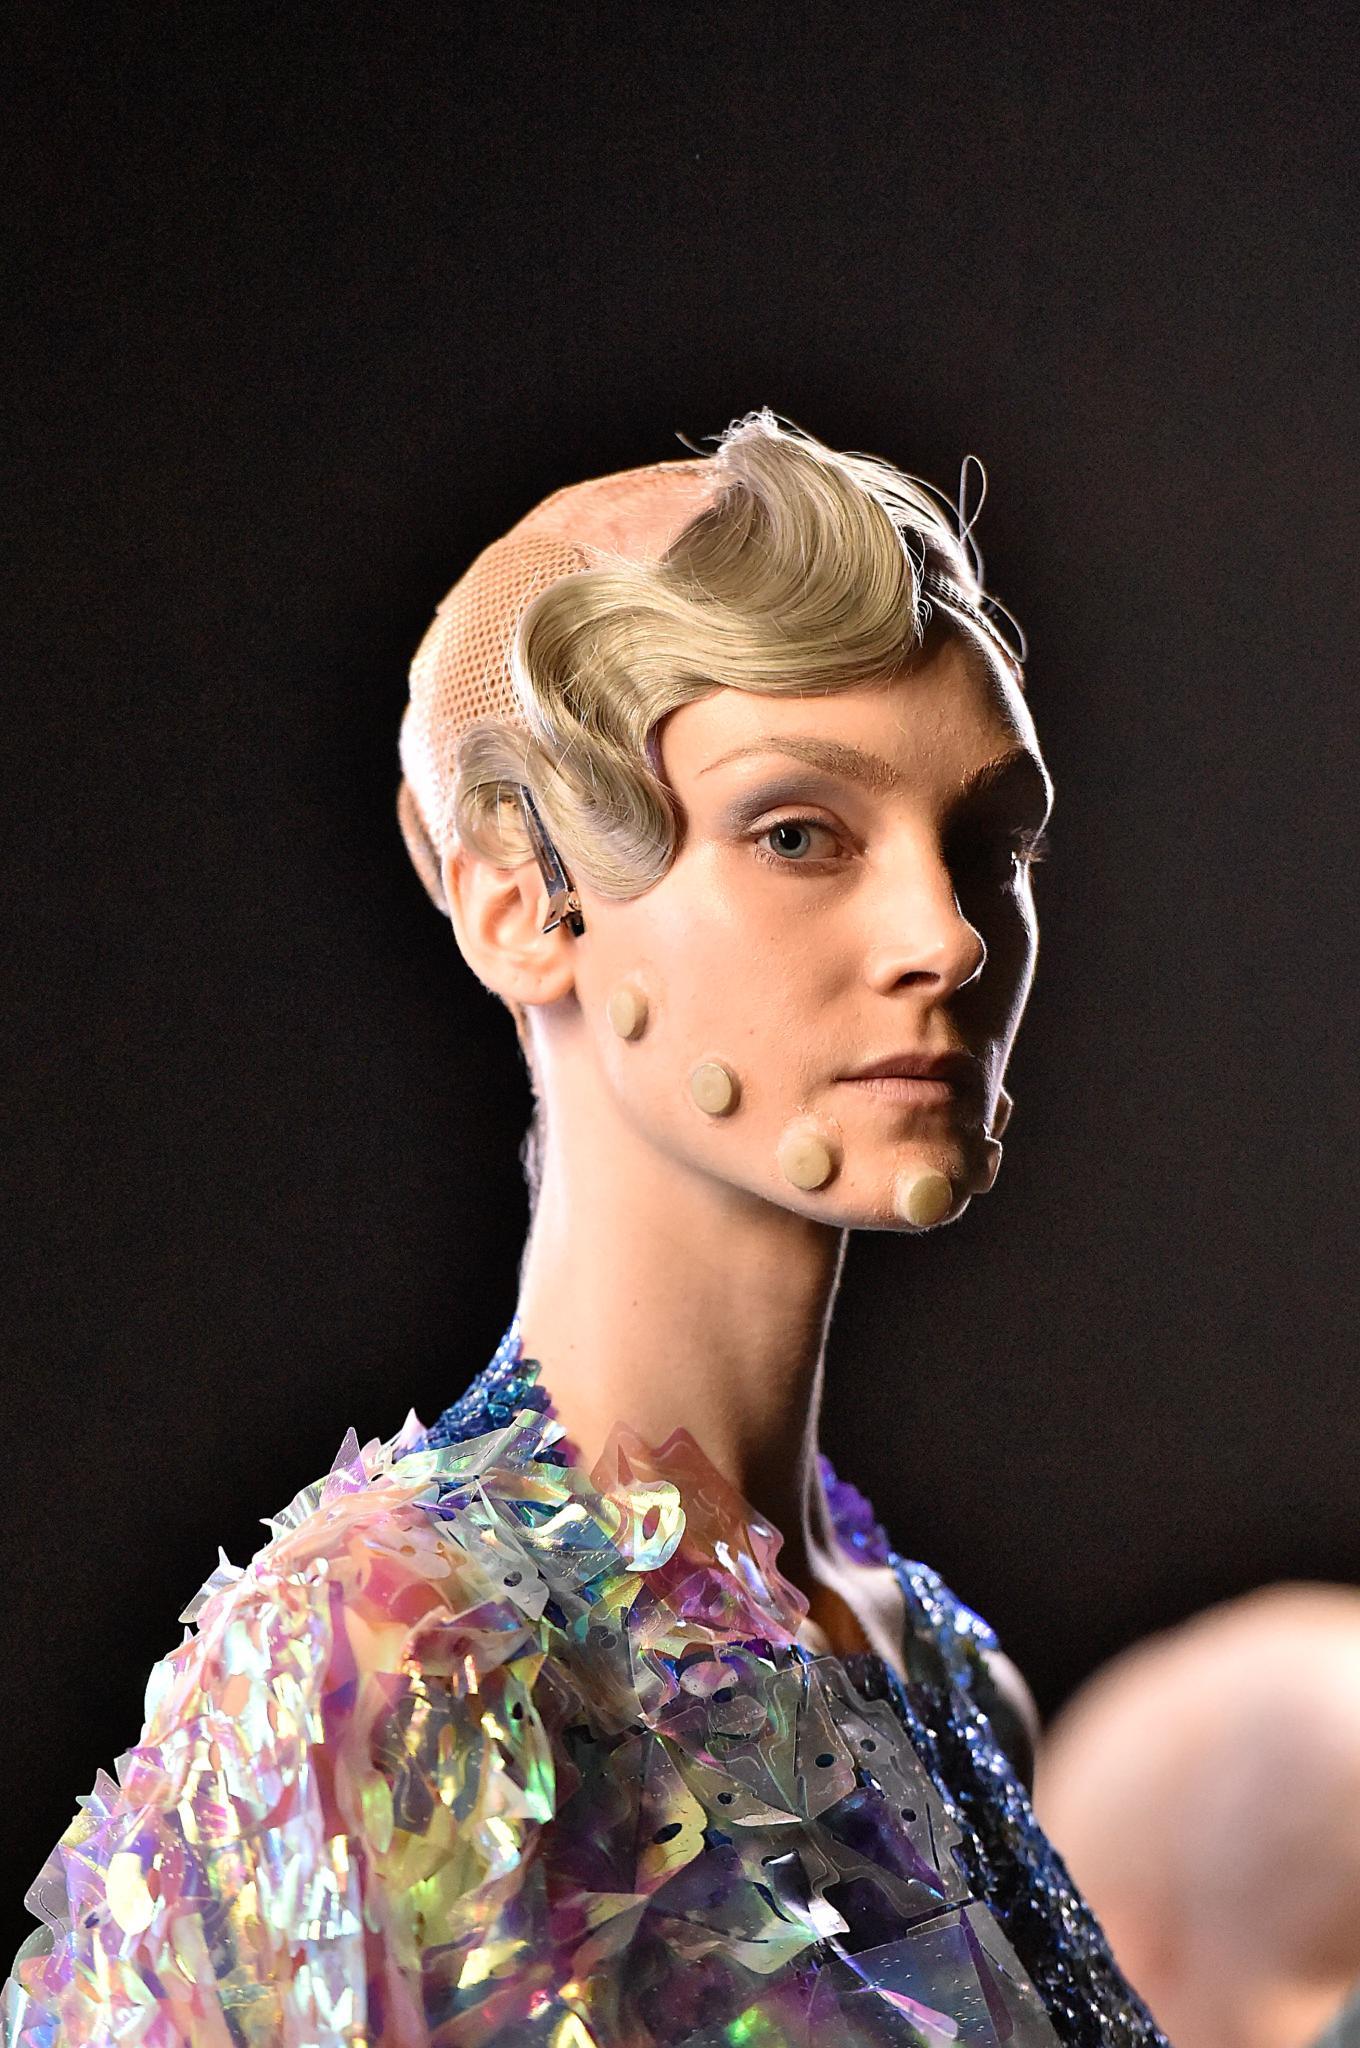 Chica con peinado vintage y futurista